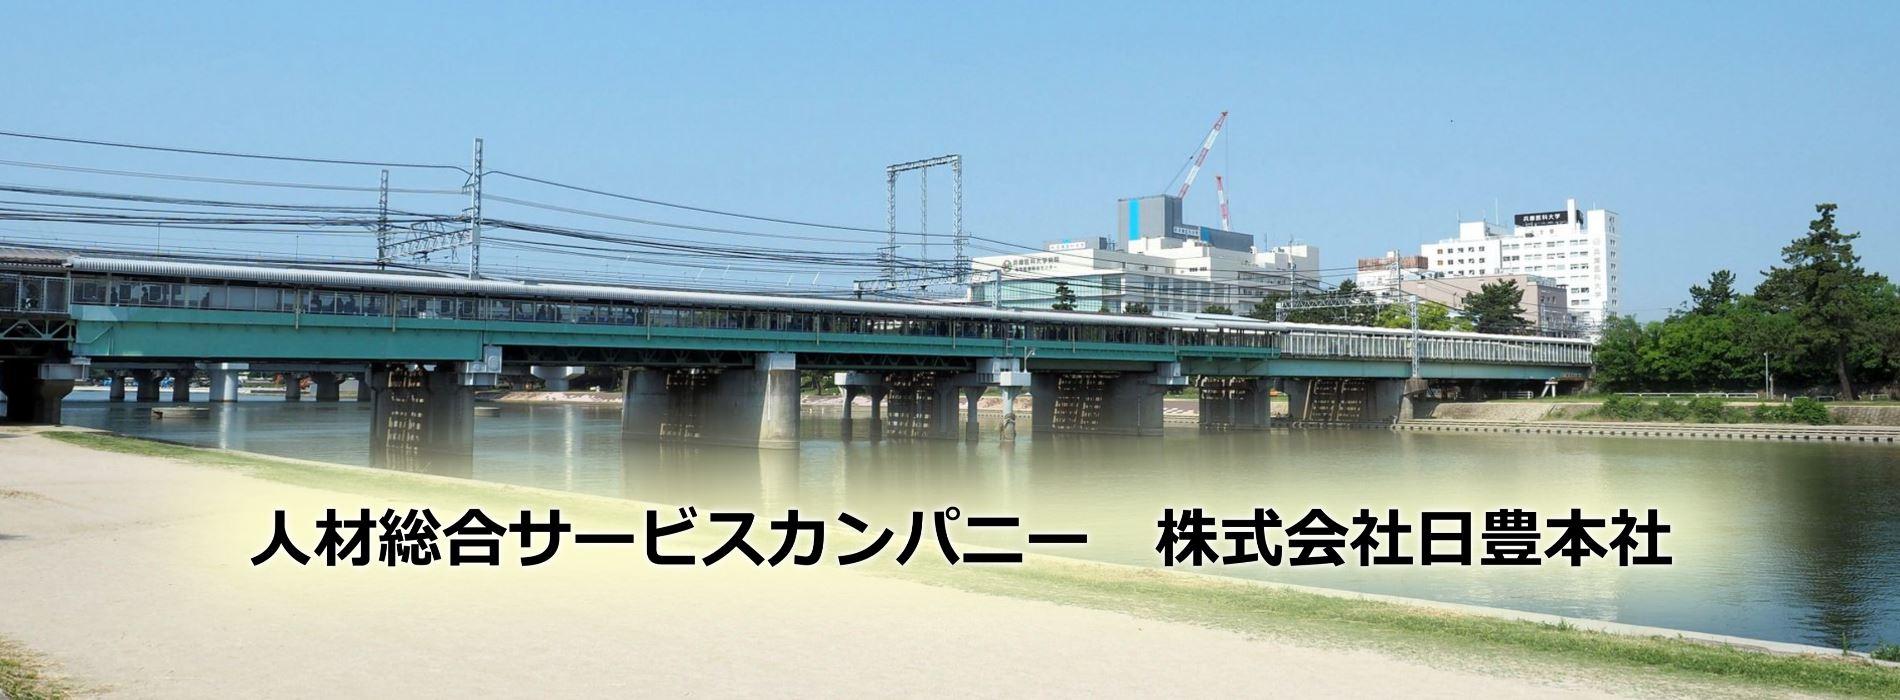 人材総合サービスカンパニー 株式会社日豊本社